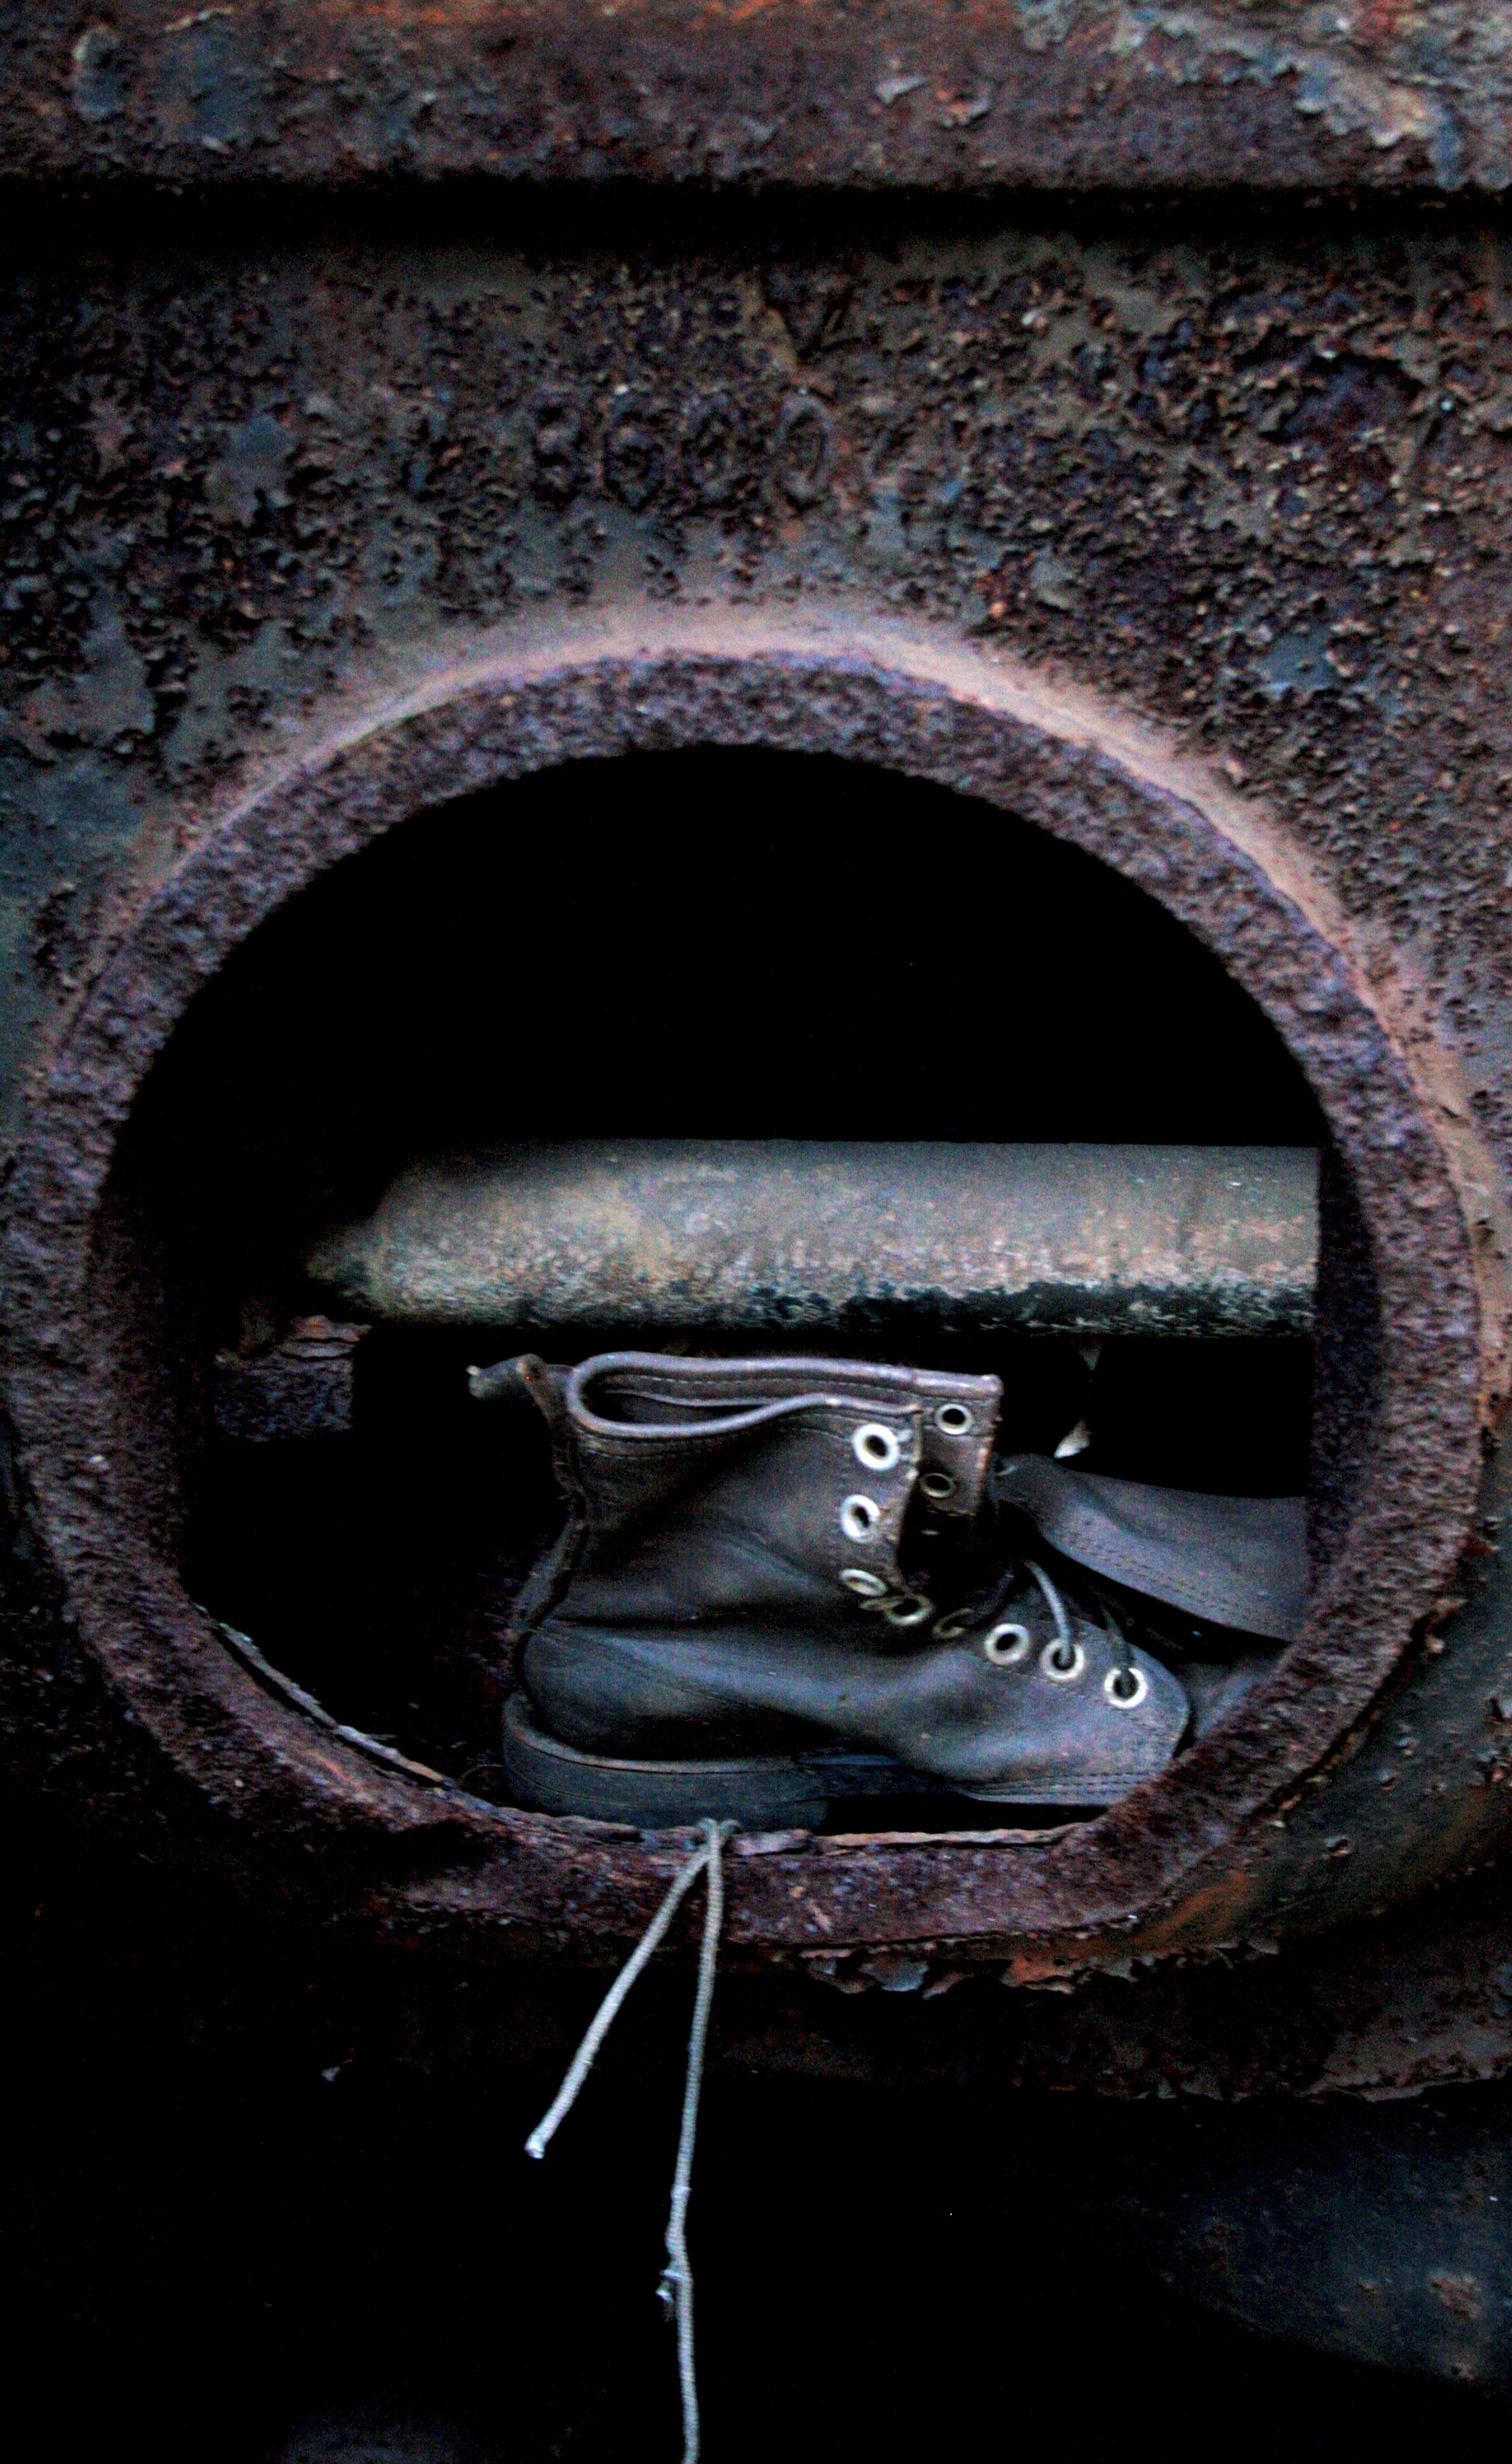 foot-in-a-machine.jpg